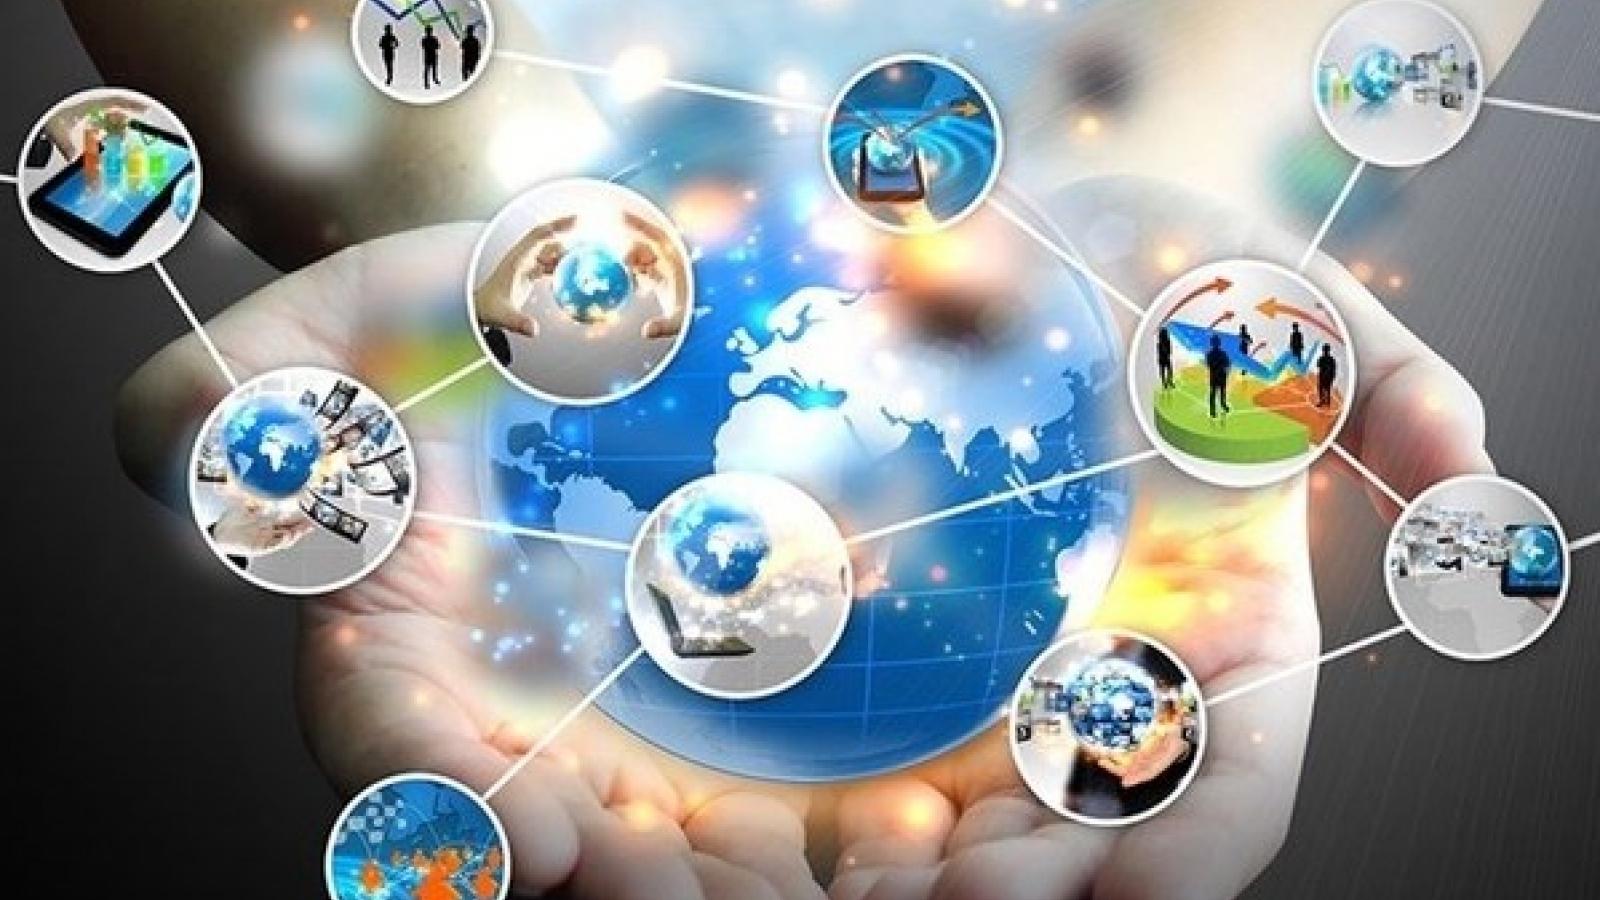 Decree amends regulations on cross-border advertising activities in Vietnam